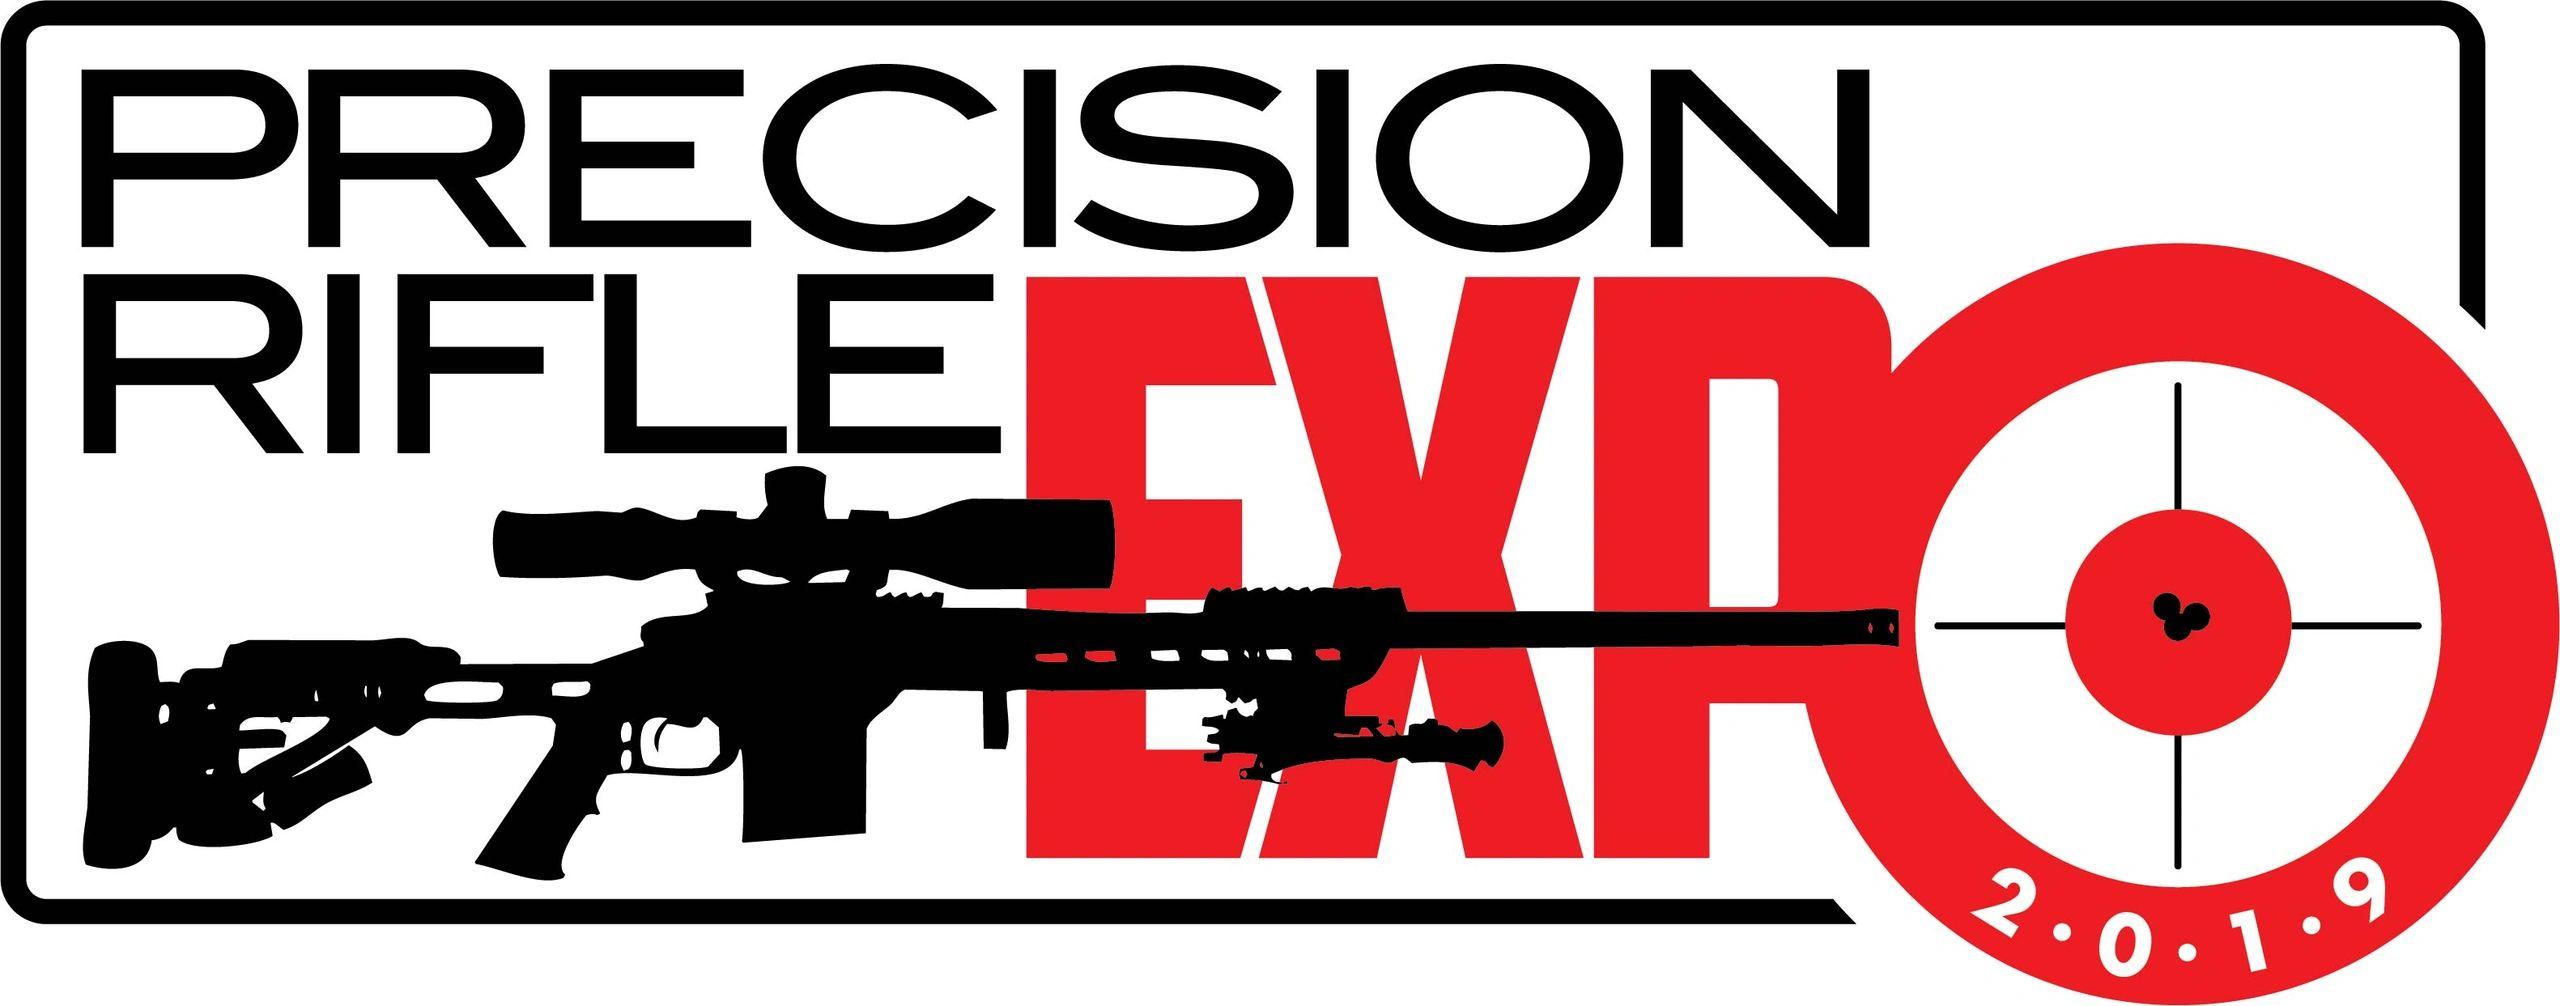 Classes | Precision Rifle Expo